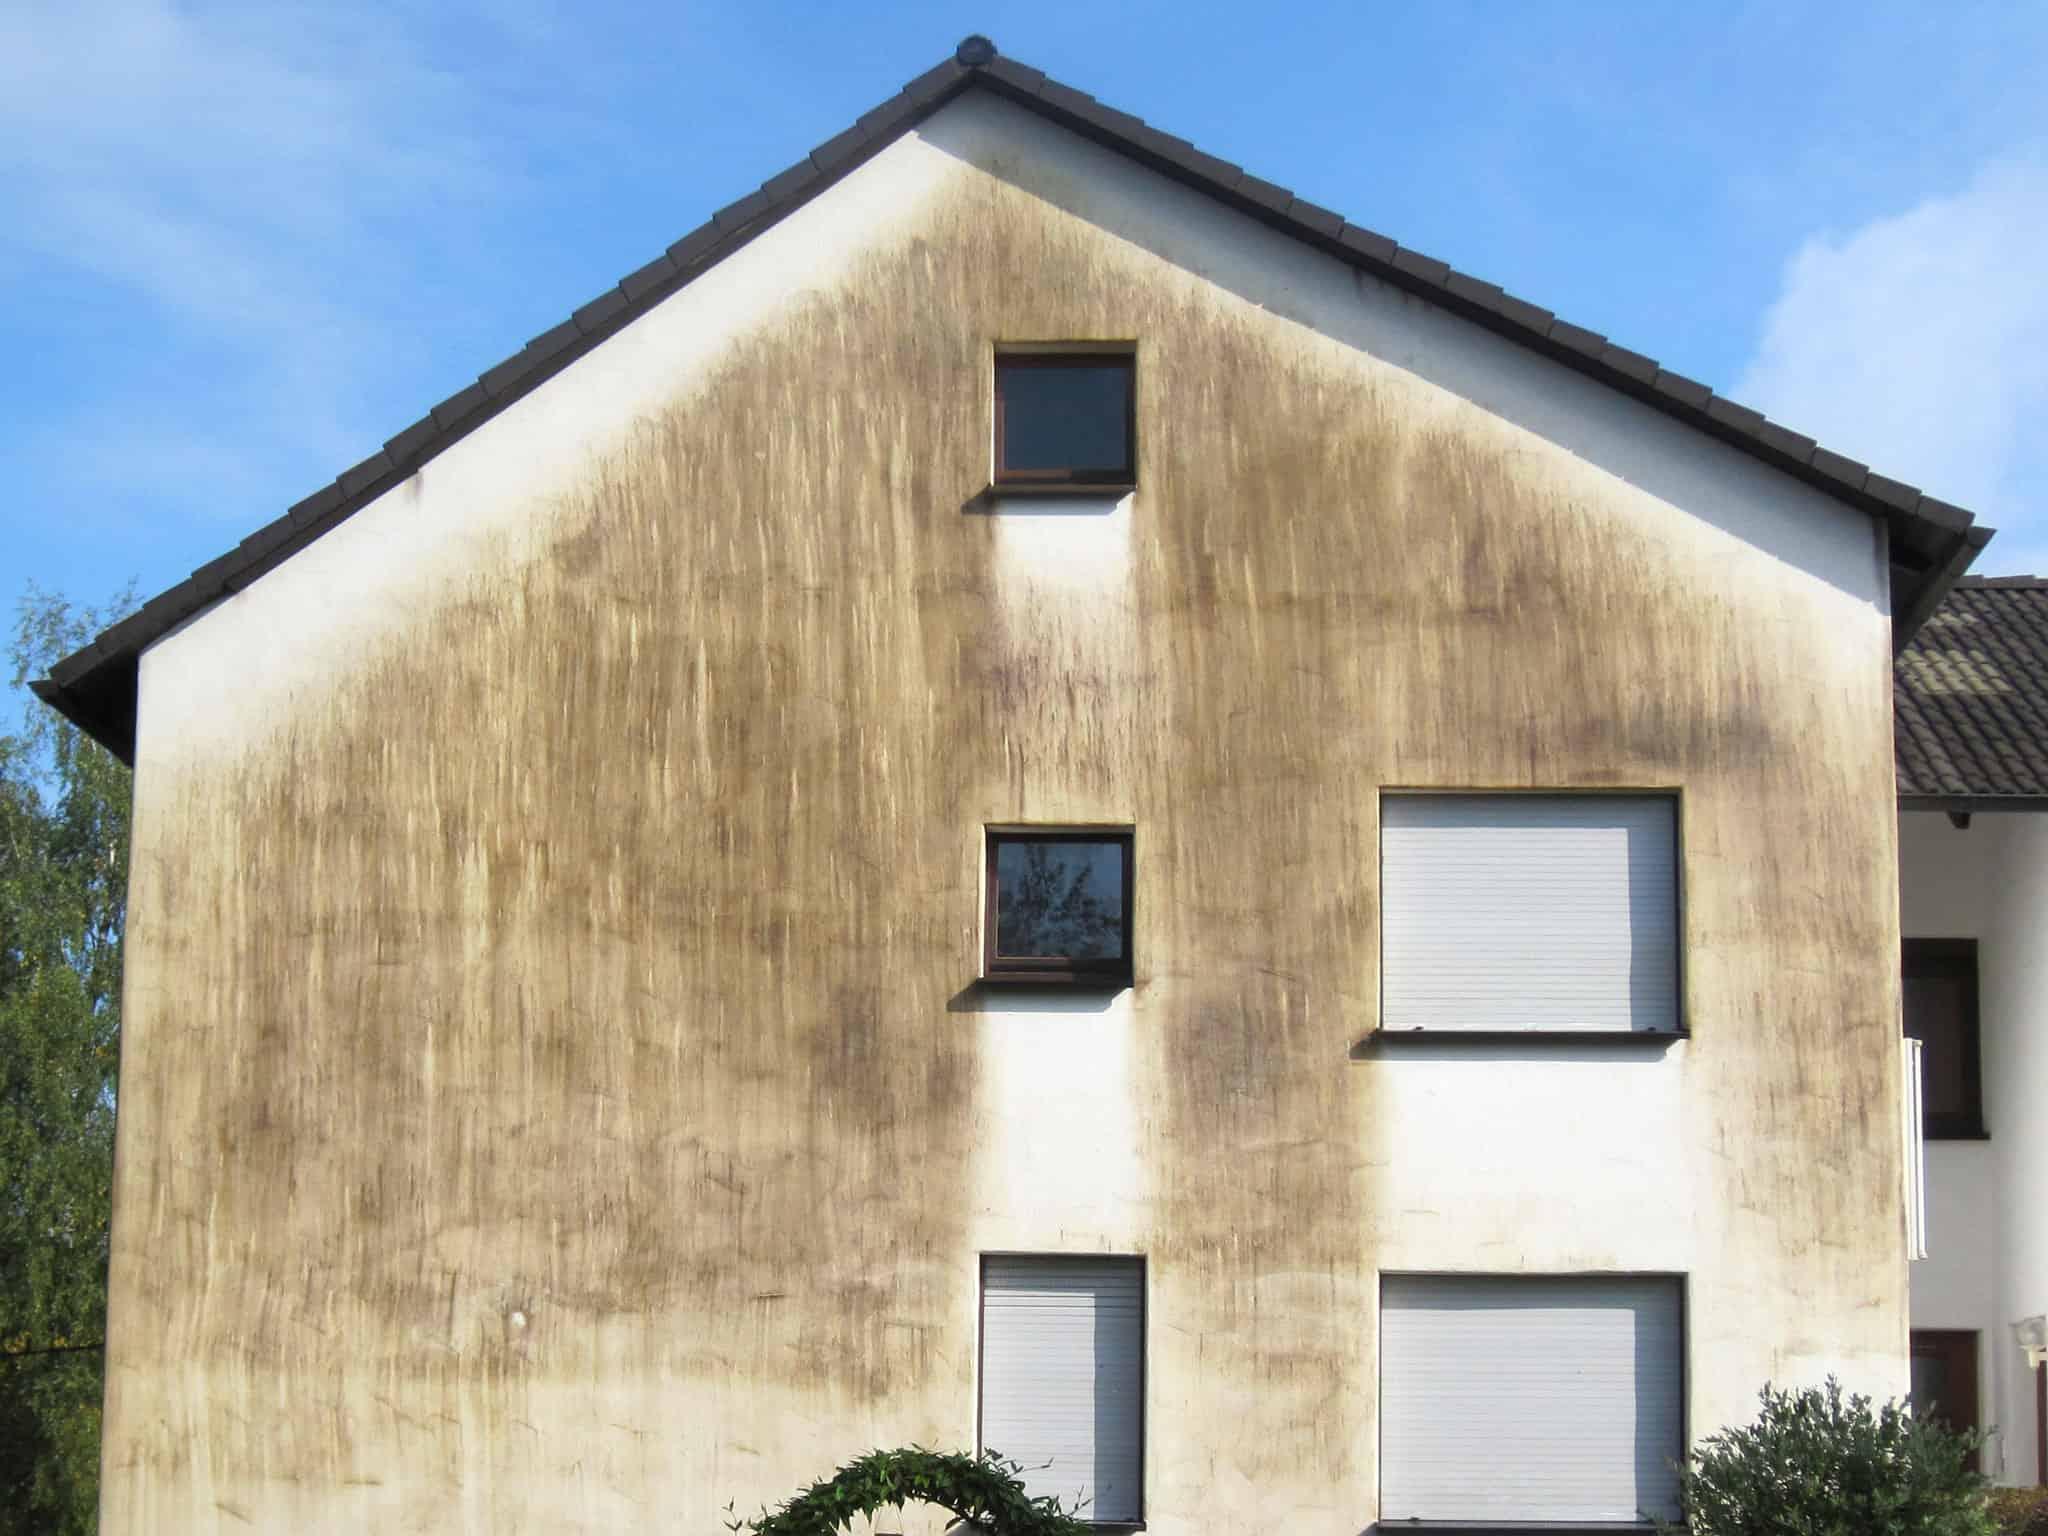 stark verschmutze Hausfassade mit Rotalgen und Schimmel